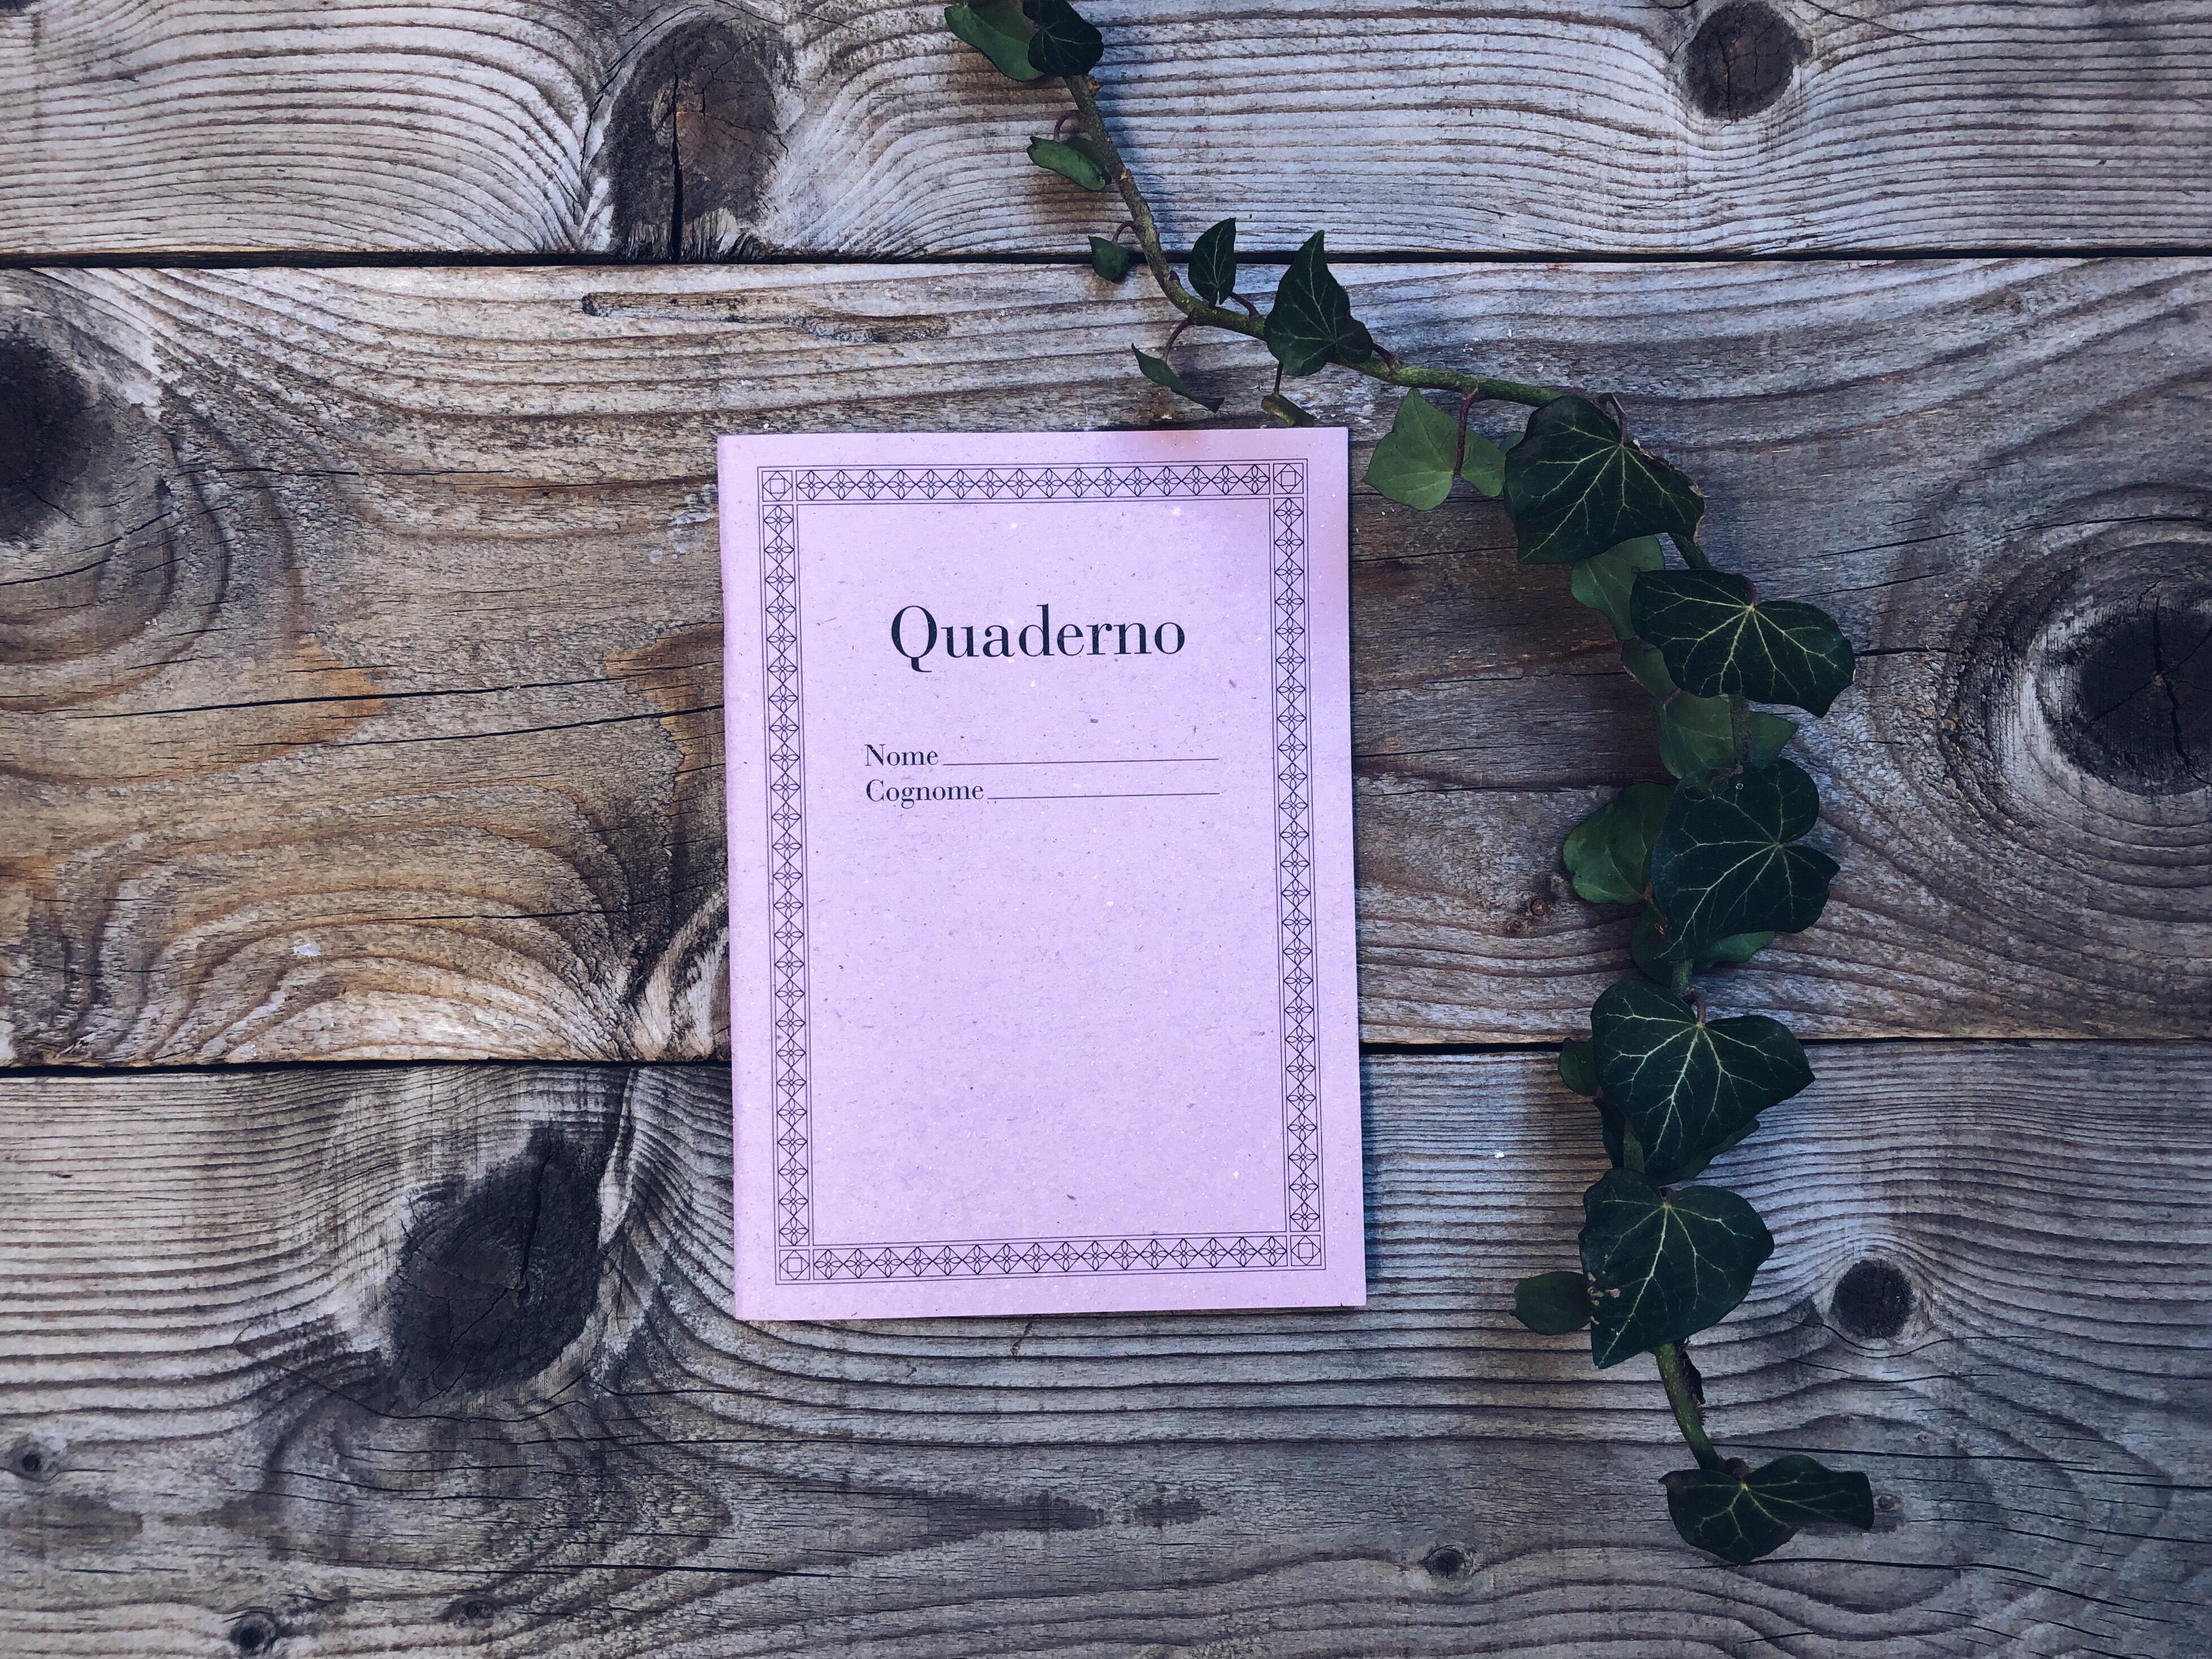 Come trovare la tua voce per comunicare On Line - quaderno vintage color lilla appoggiato su assi di legno - tatianaberlaffa.com